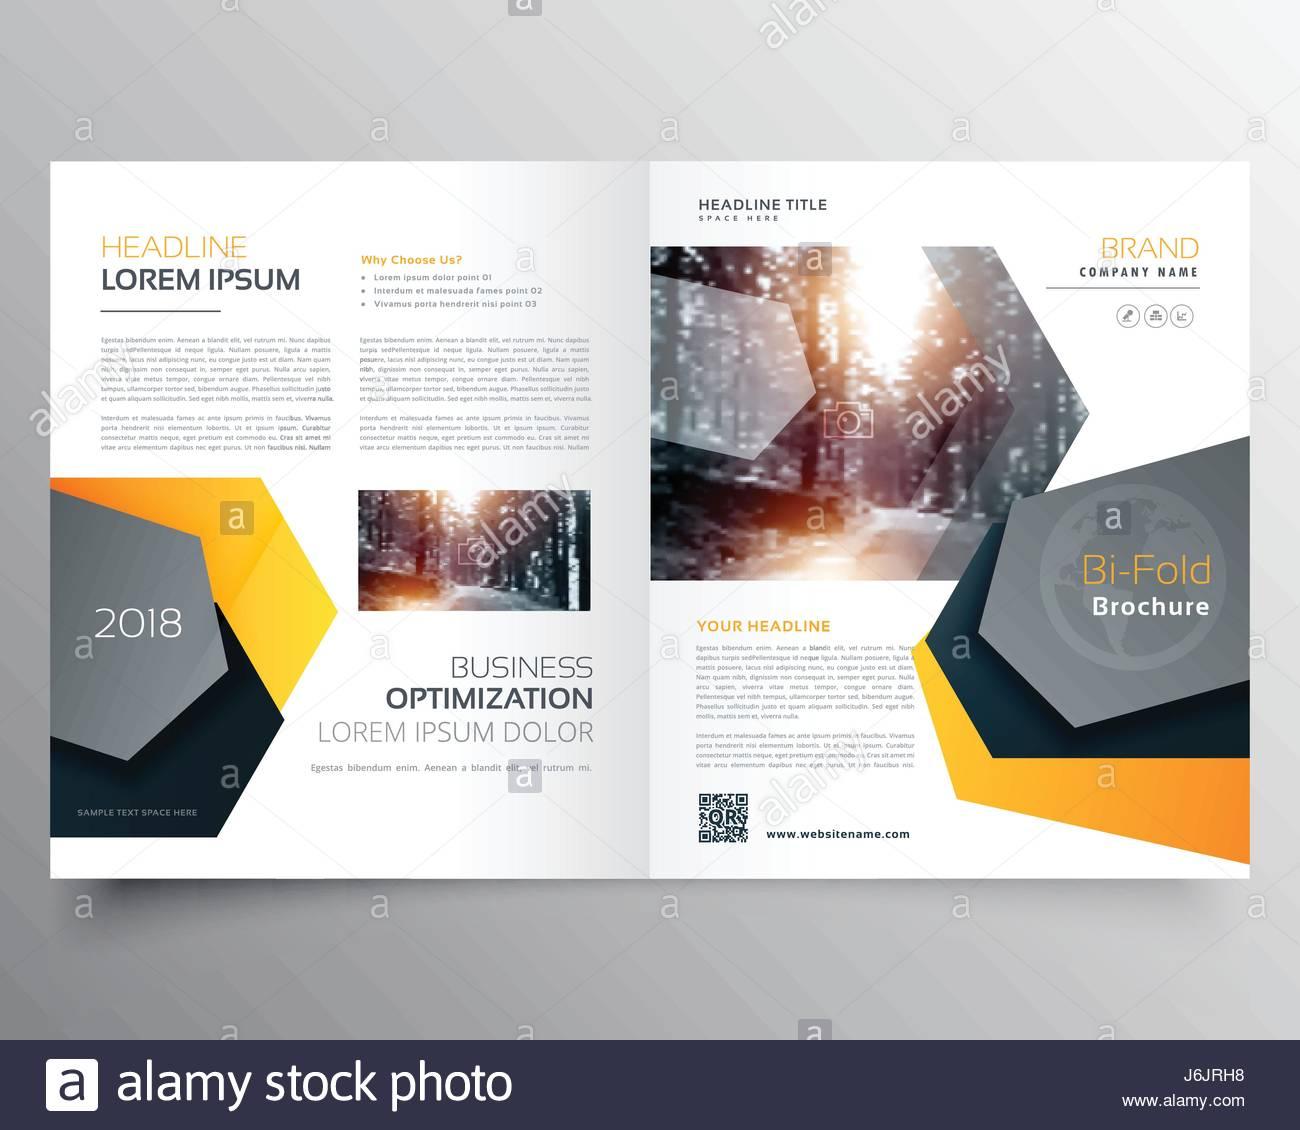 Modern Abstract Bifold Business Brochure Template Or Magazine - Business brochure template